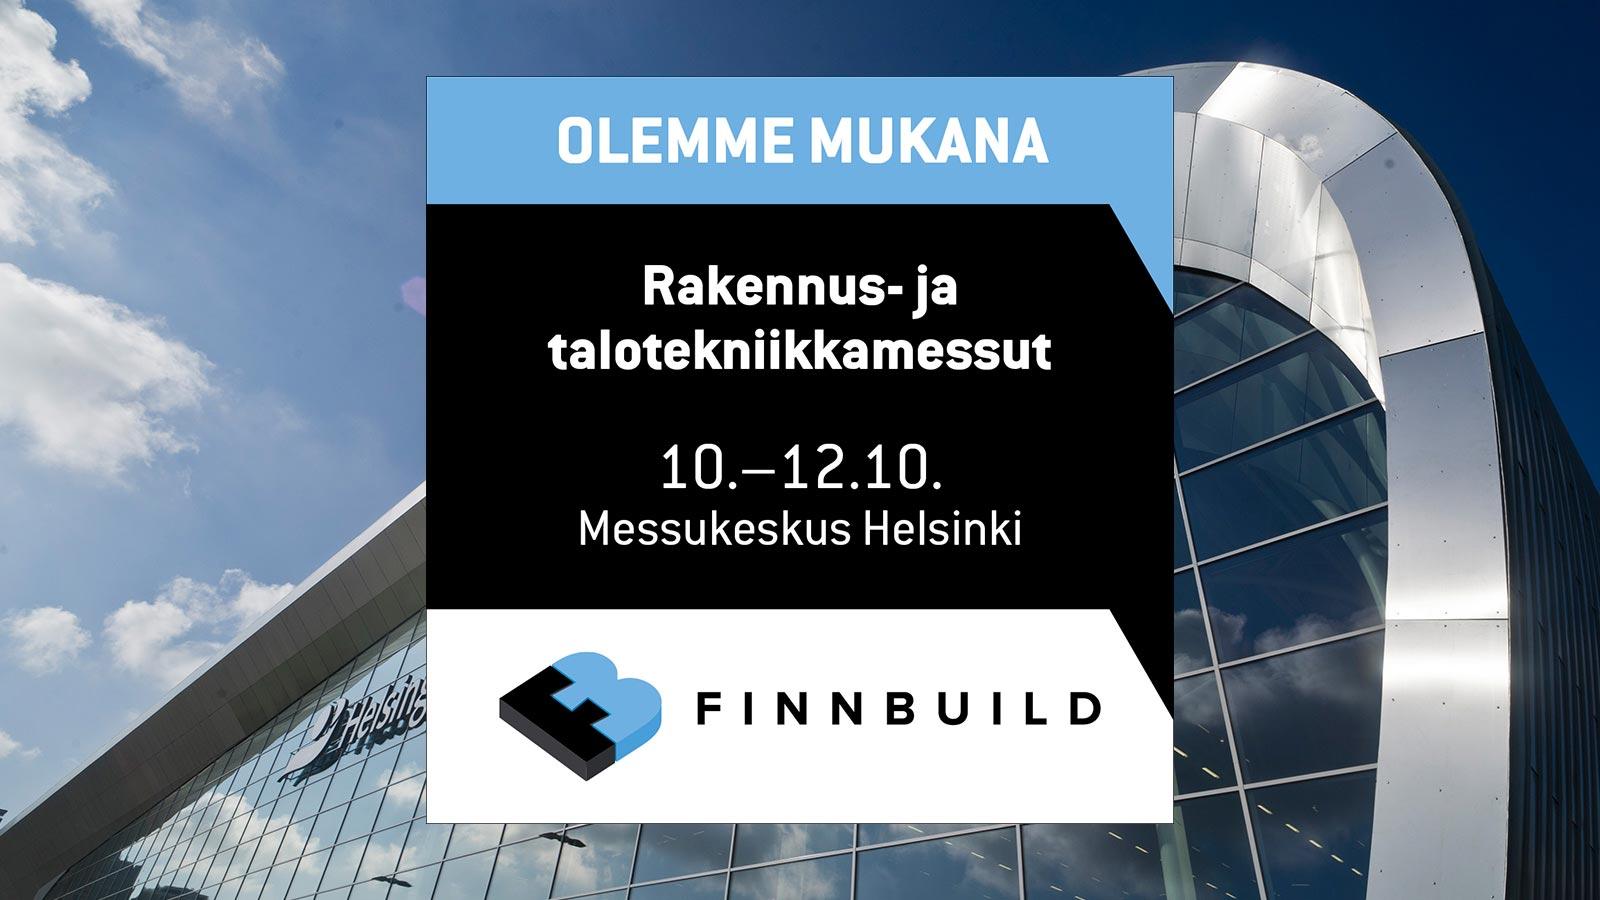 Finnbuild 2018